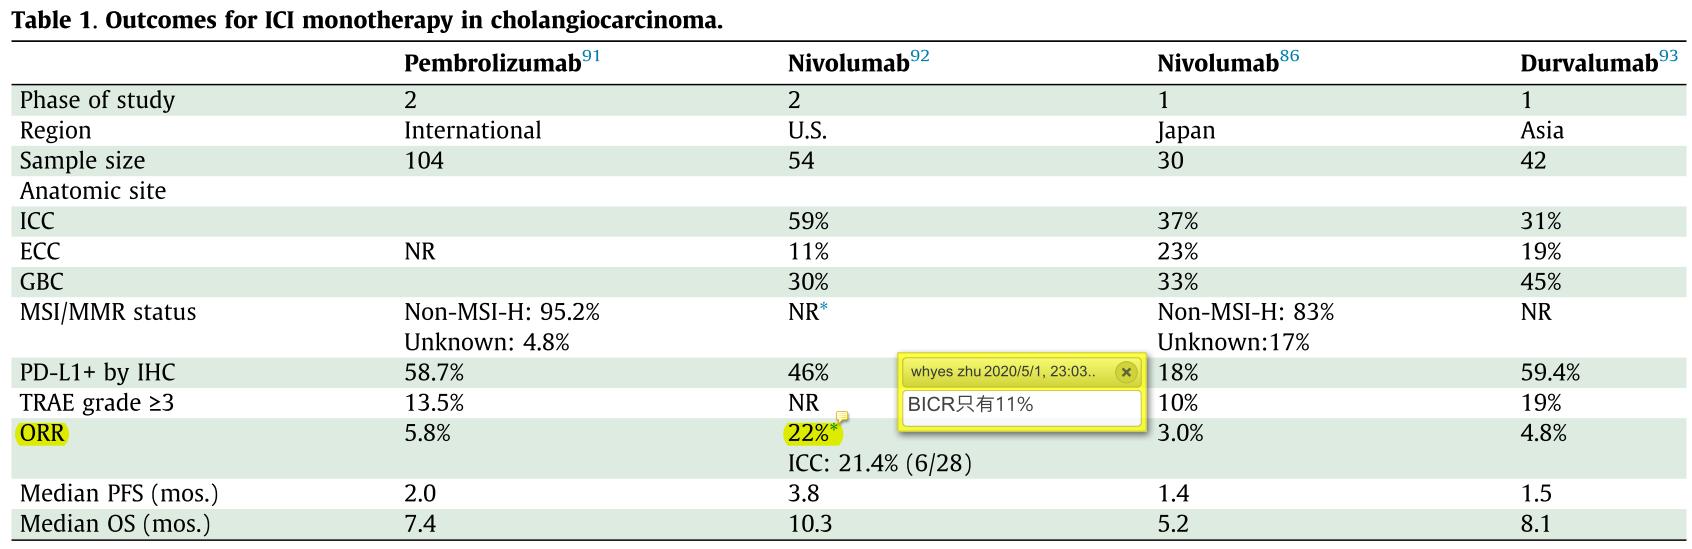 纳武利尤单抗用于胆道系统肿瘤二线及以上治疗的数据